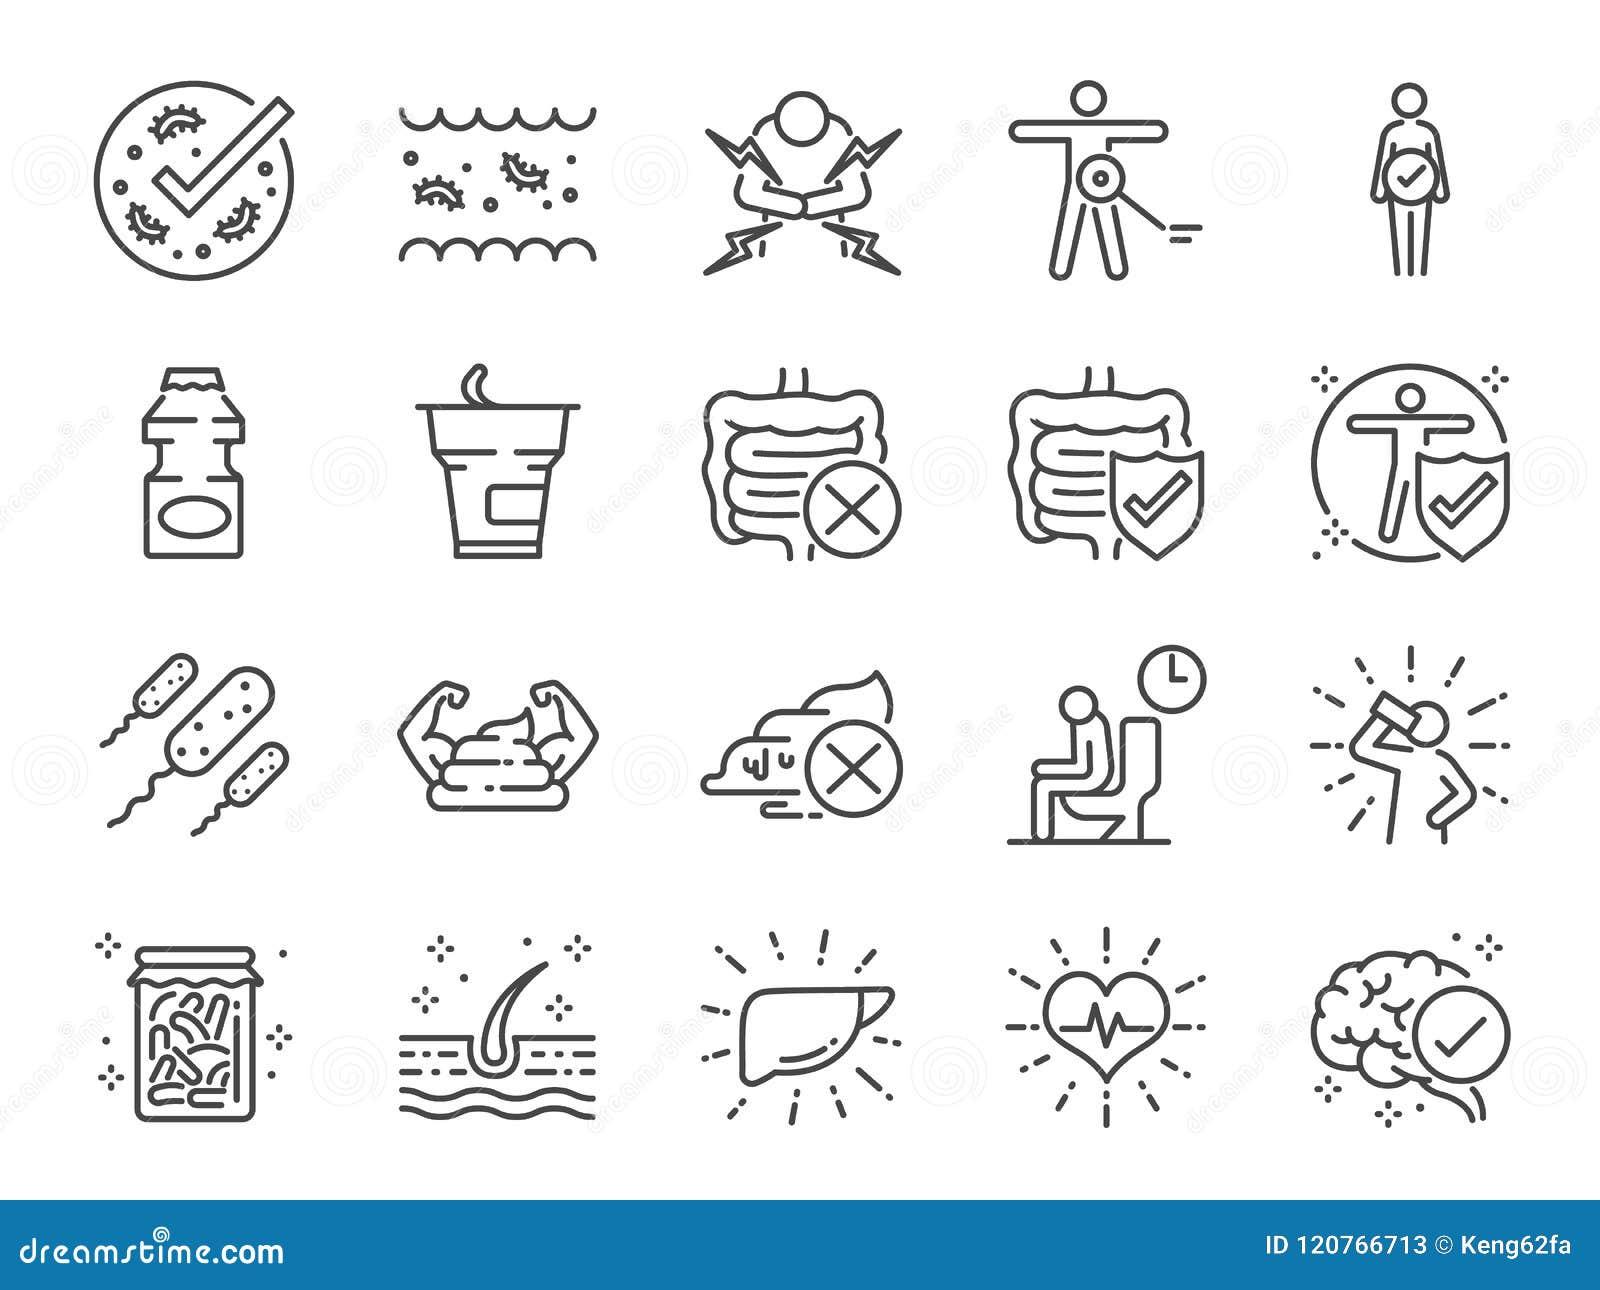 De reeks van het Probioticspictogram Inbegrepen pictogrammen als intestinale flora, intestinaal, bacteriën, gezond, yoghurt, darm